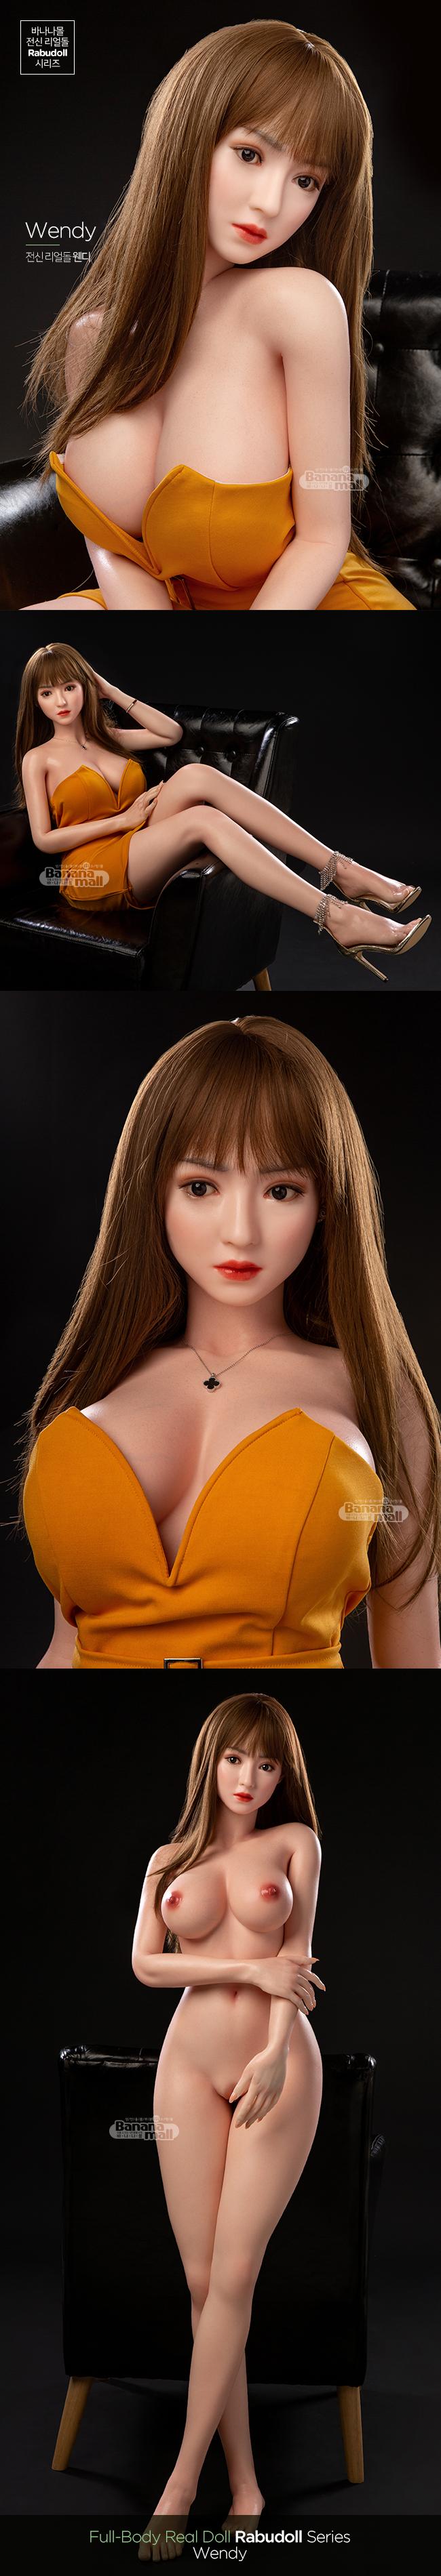 [전신 리얼돌] 라부돌 웬디(Rabudoll Wendy) 163cm/165cm - 전신 실리콘